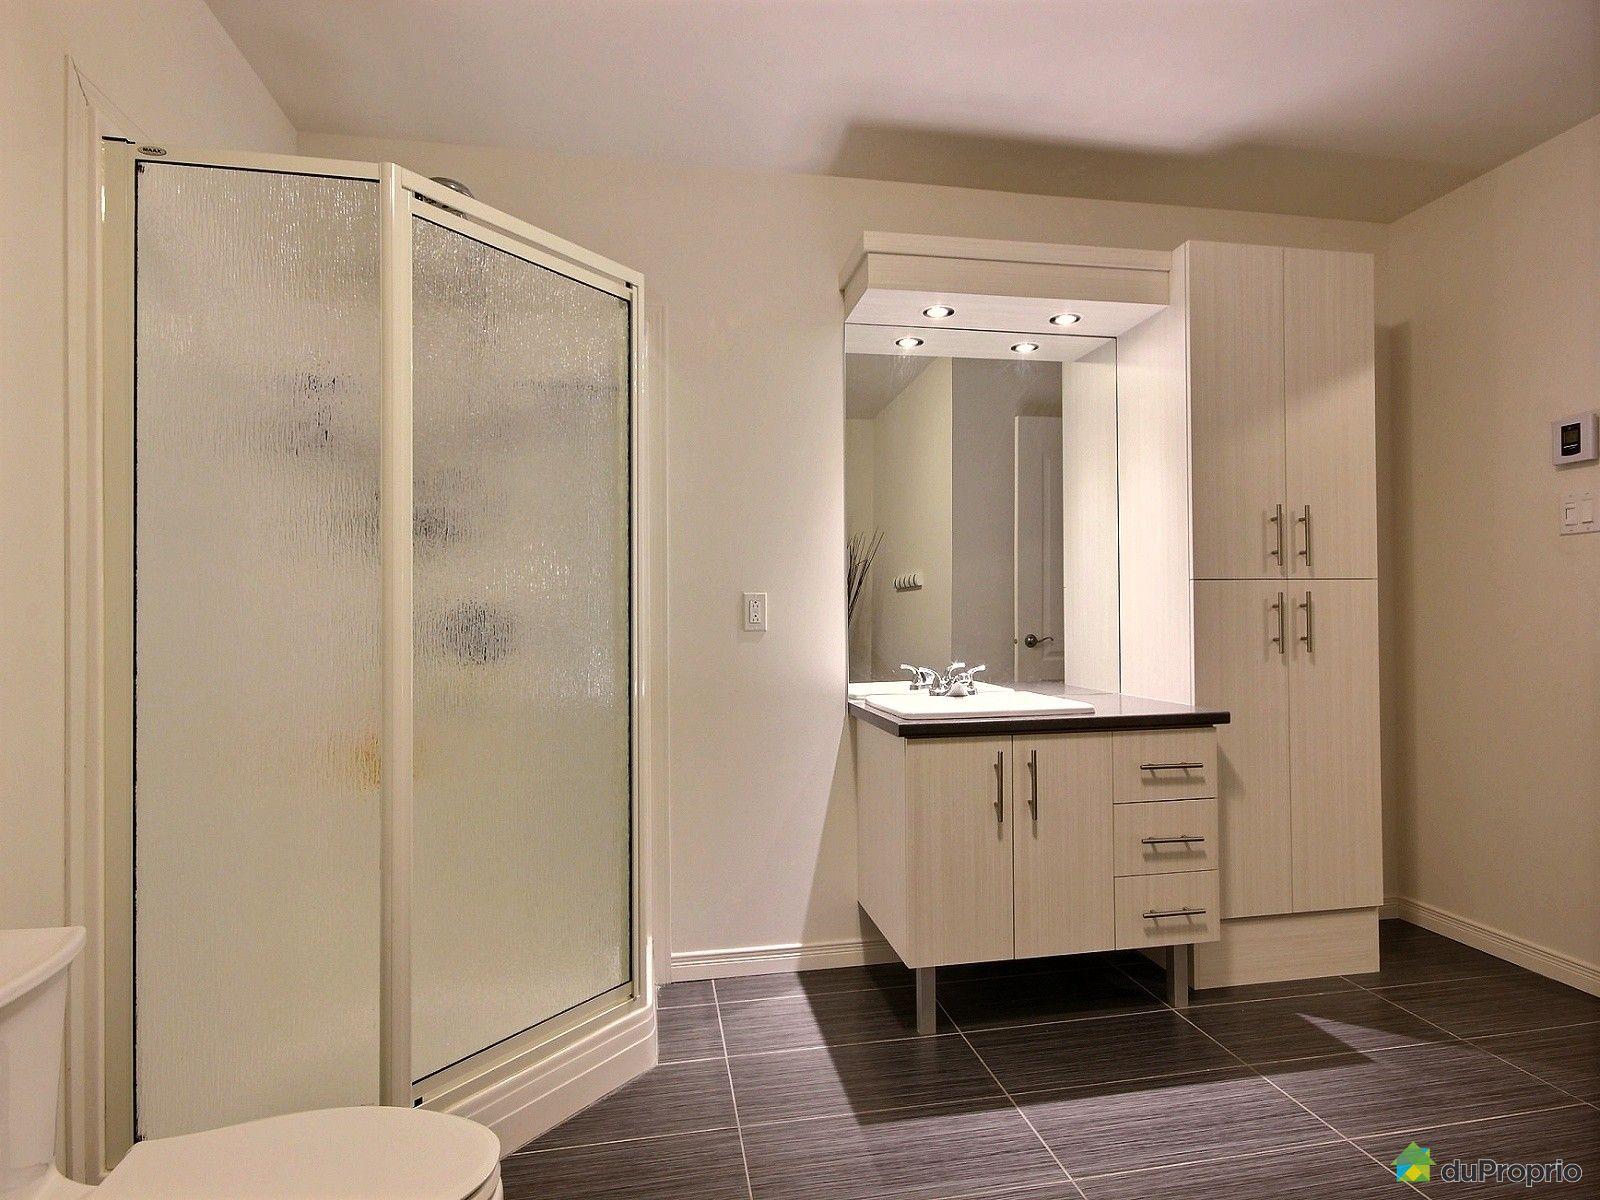 Maison vendre st j r me 133 rue guay immobilier qu bec for Accessoire salle de bain st jerome